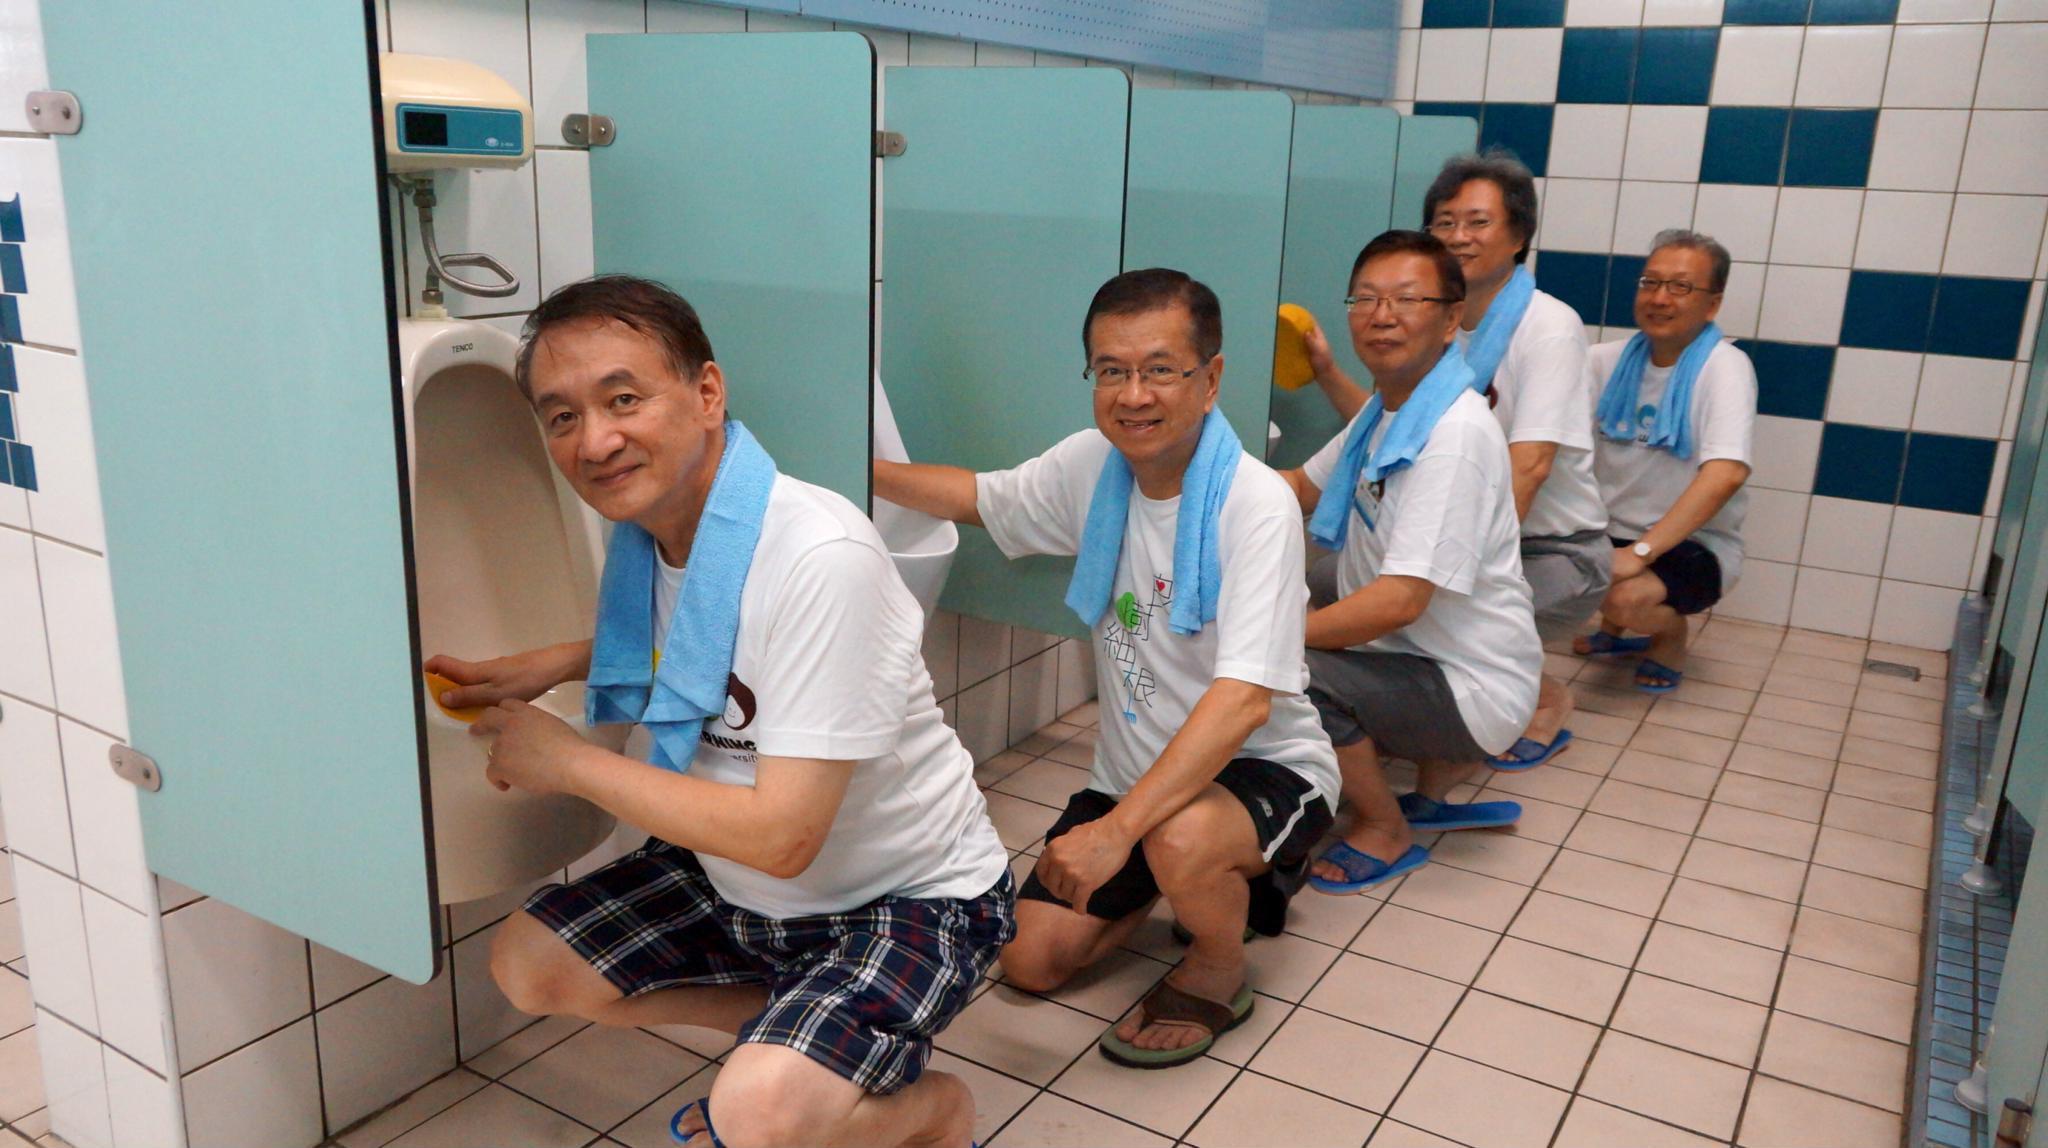 慶祝友善校園獲獎、私校獎補助全國第一 校長帶領師生掃廁所